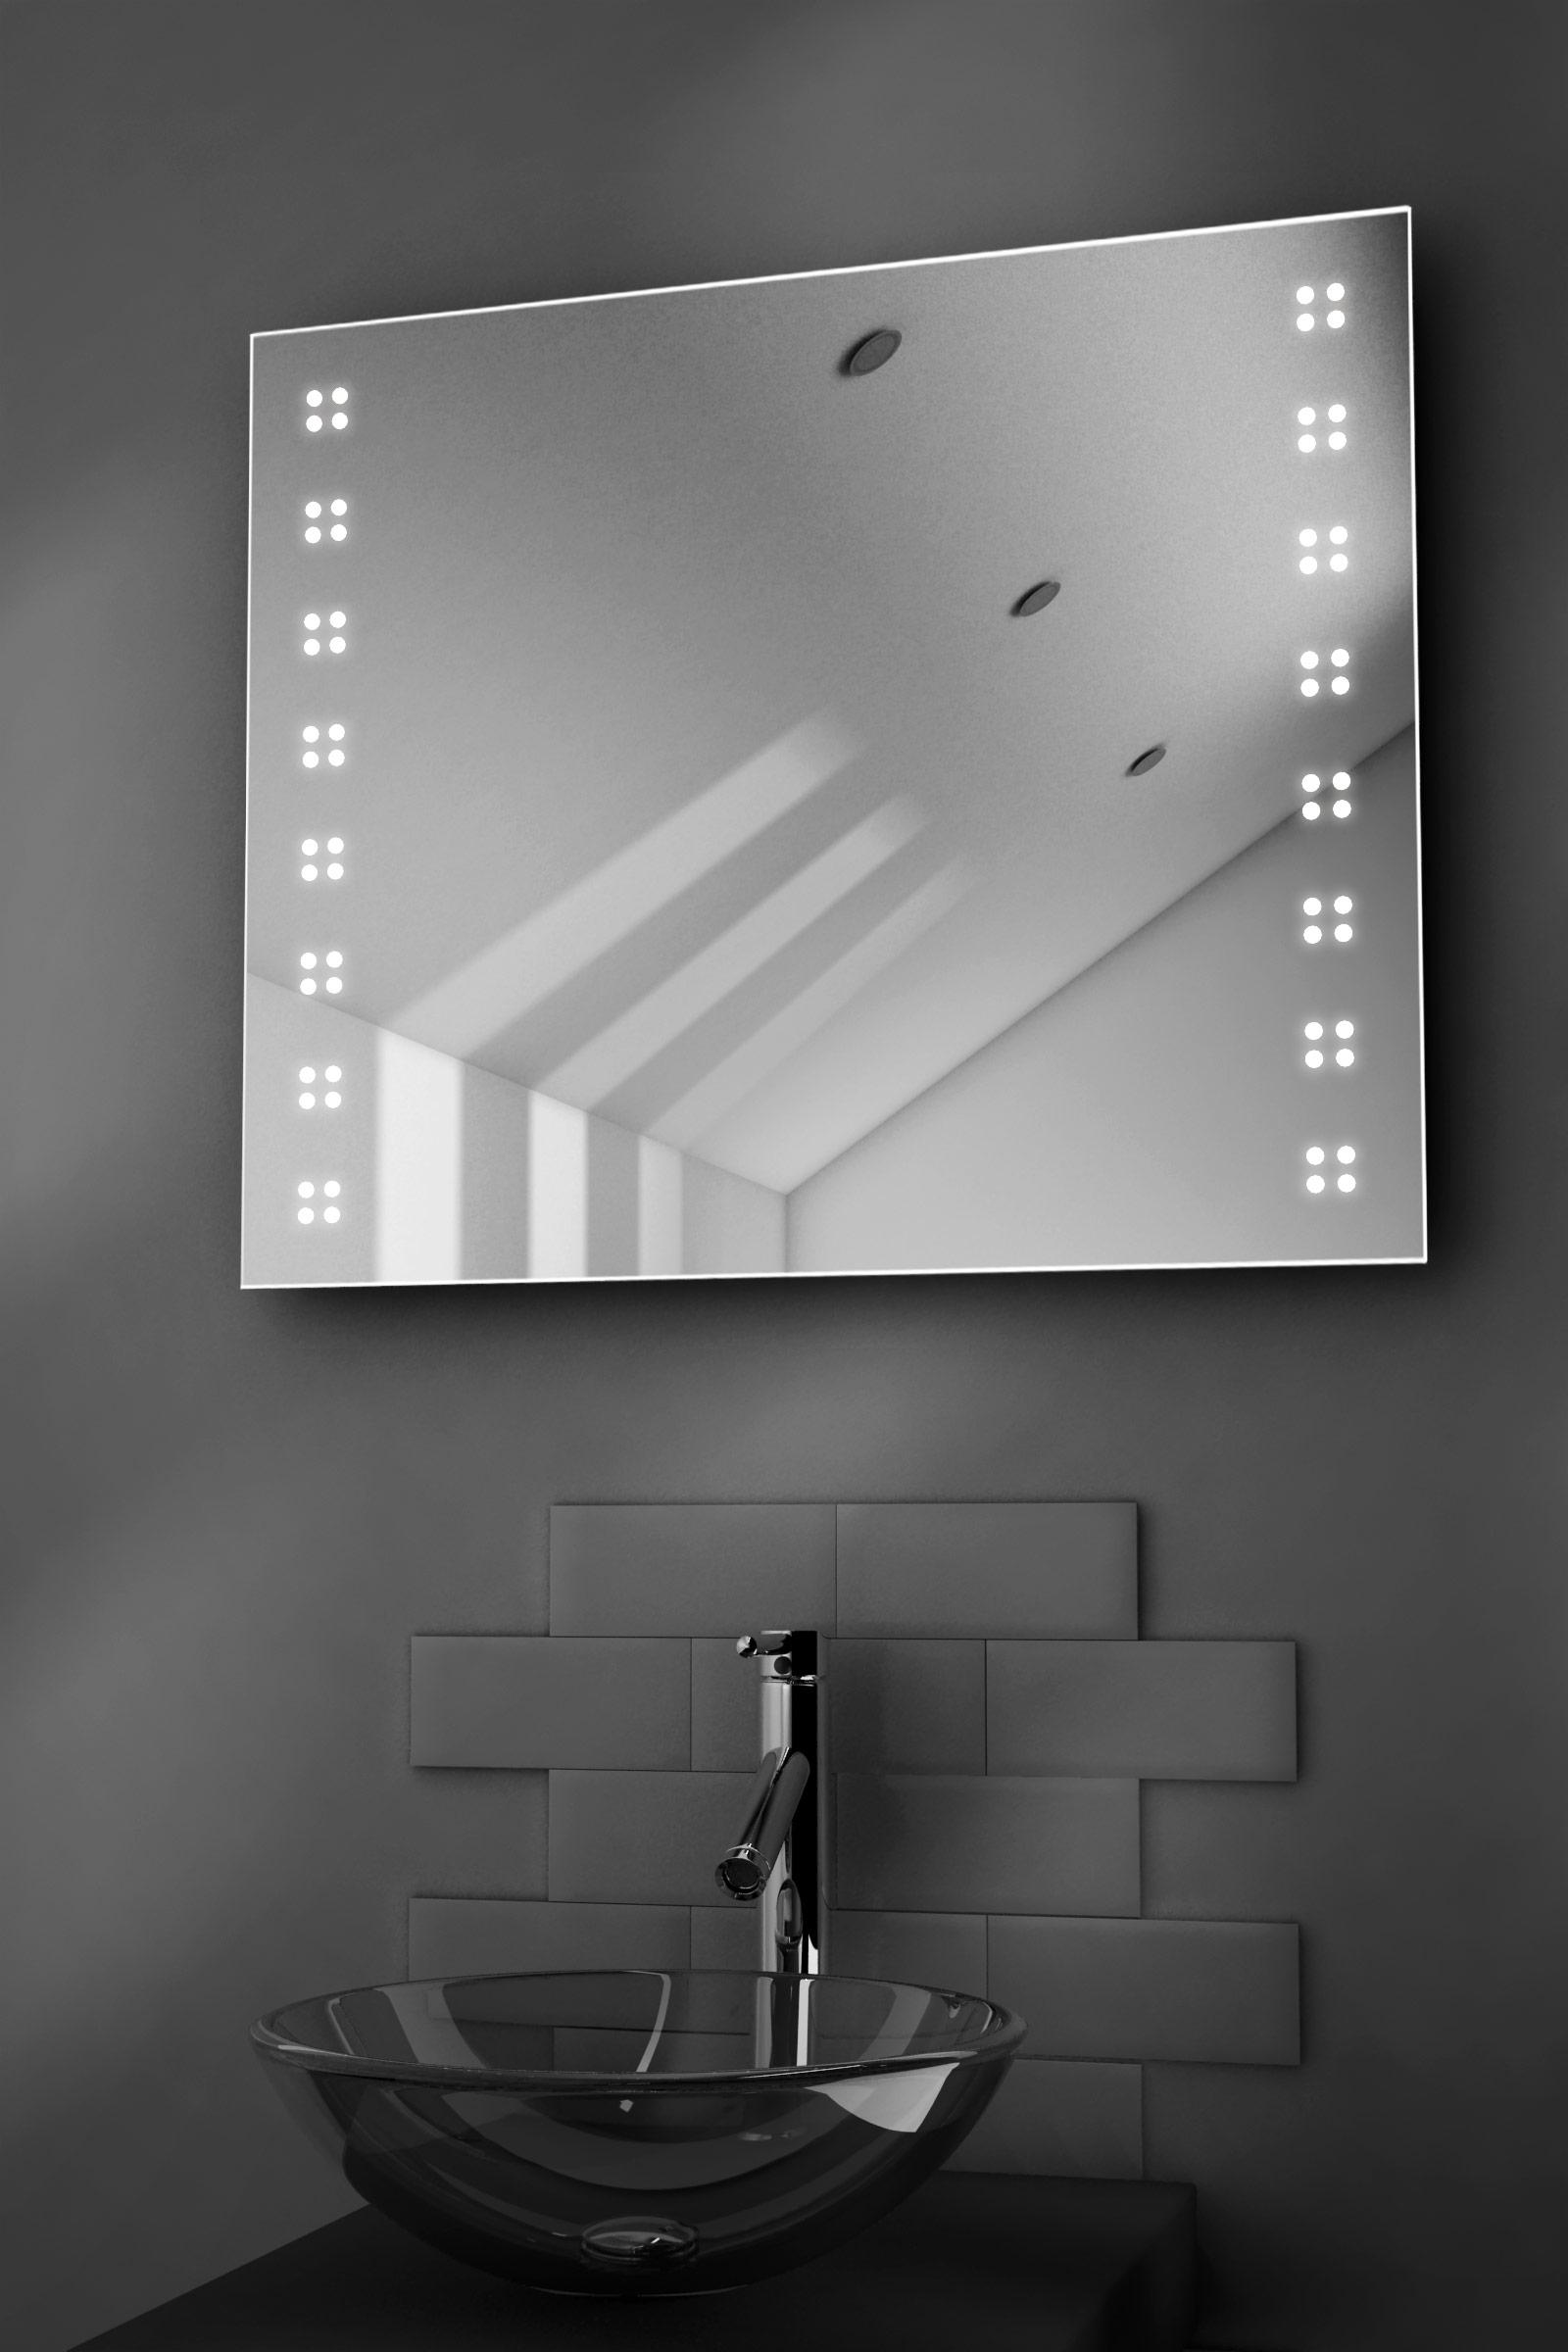 Bathroom Mirrors Illuminated: Sky Ultra-Slim LED Bathroom Illuminated Mirror With